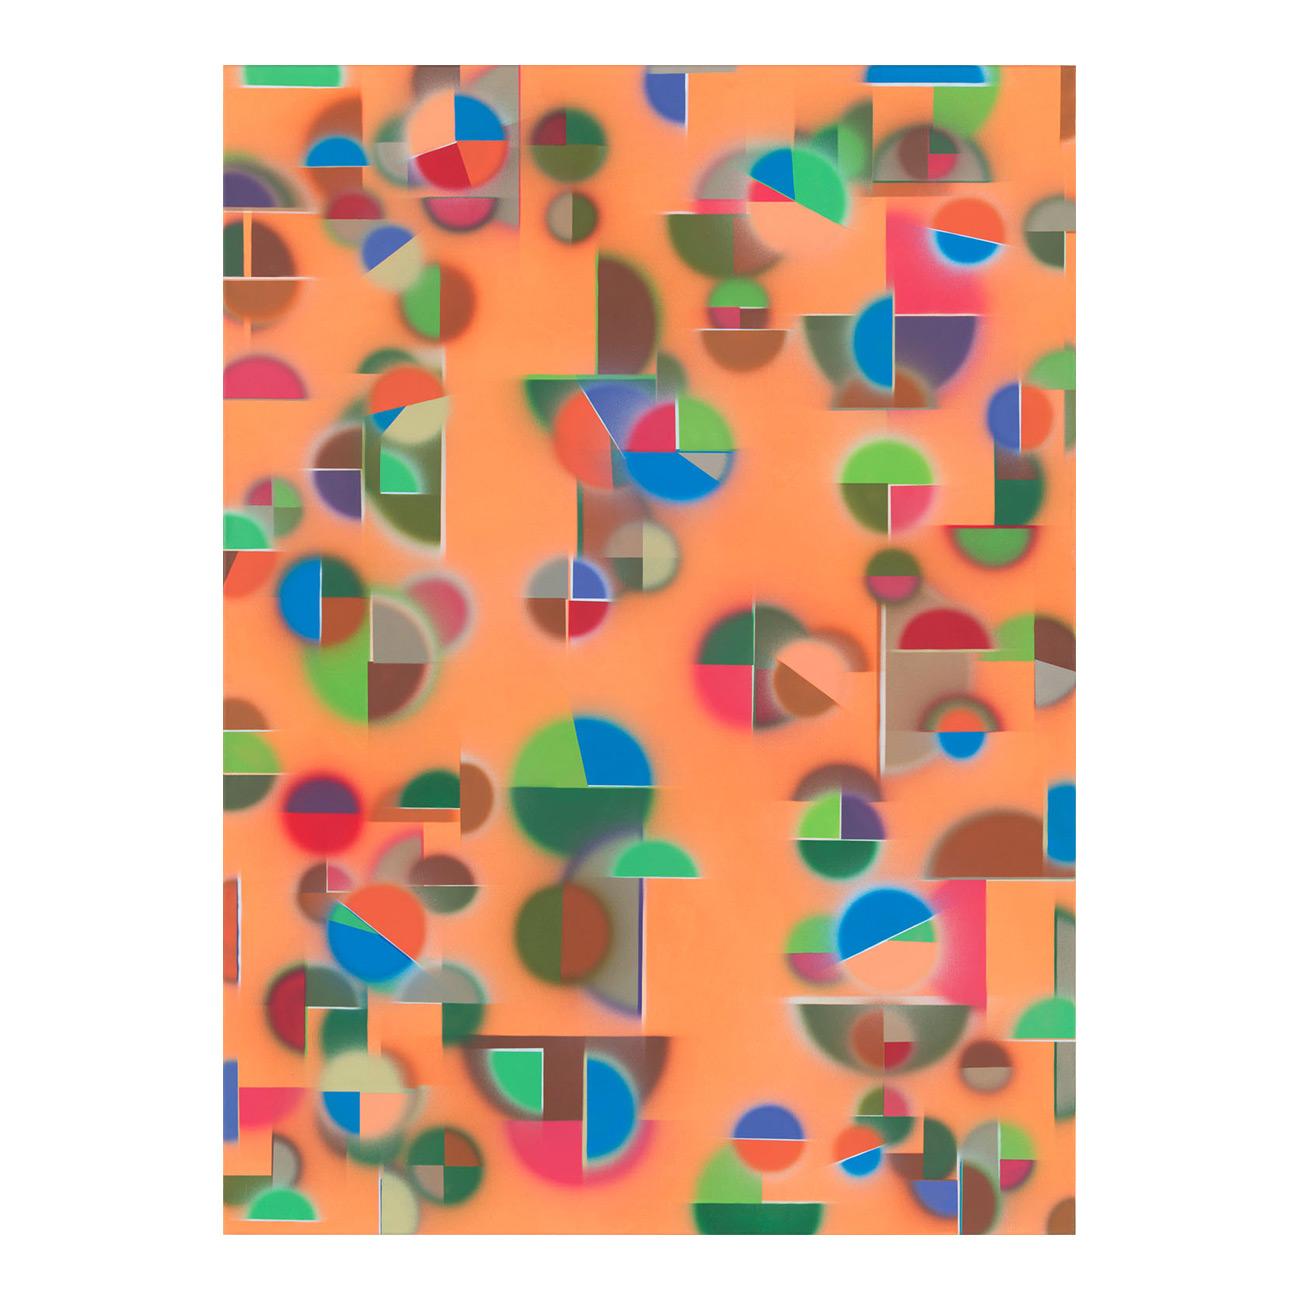 schlafender Mann/schönes Mädchen . 2011 . 160 x 120 cm . Acryl auf Baumwolle